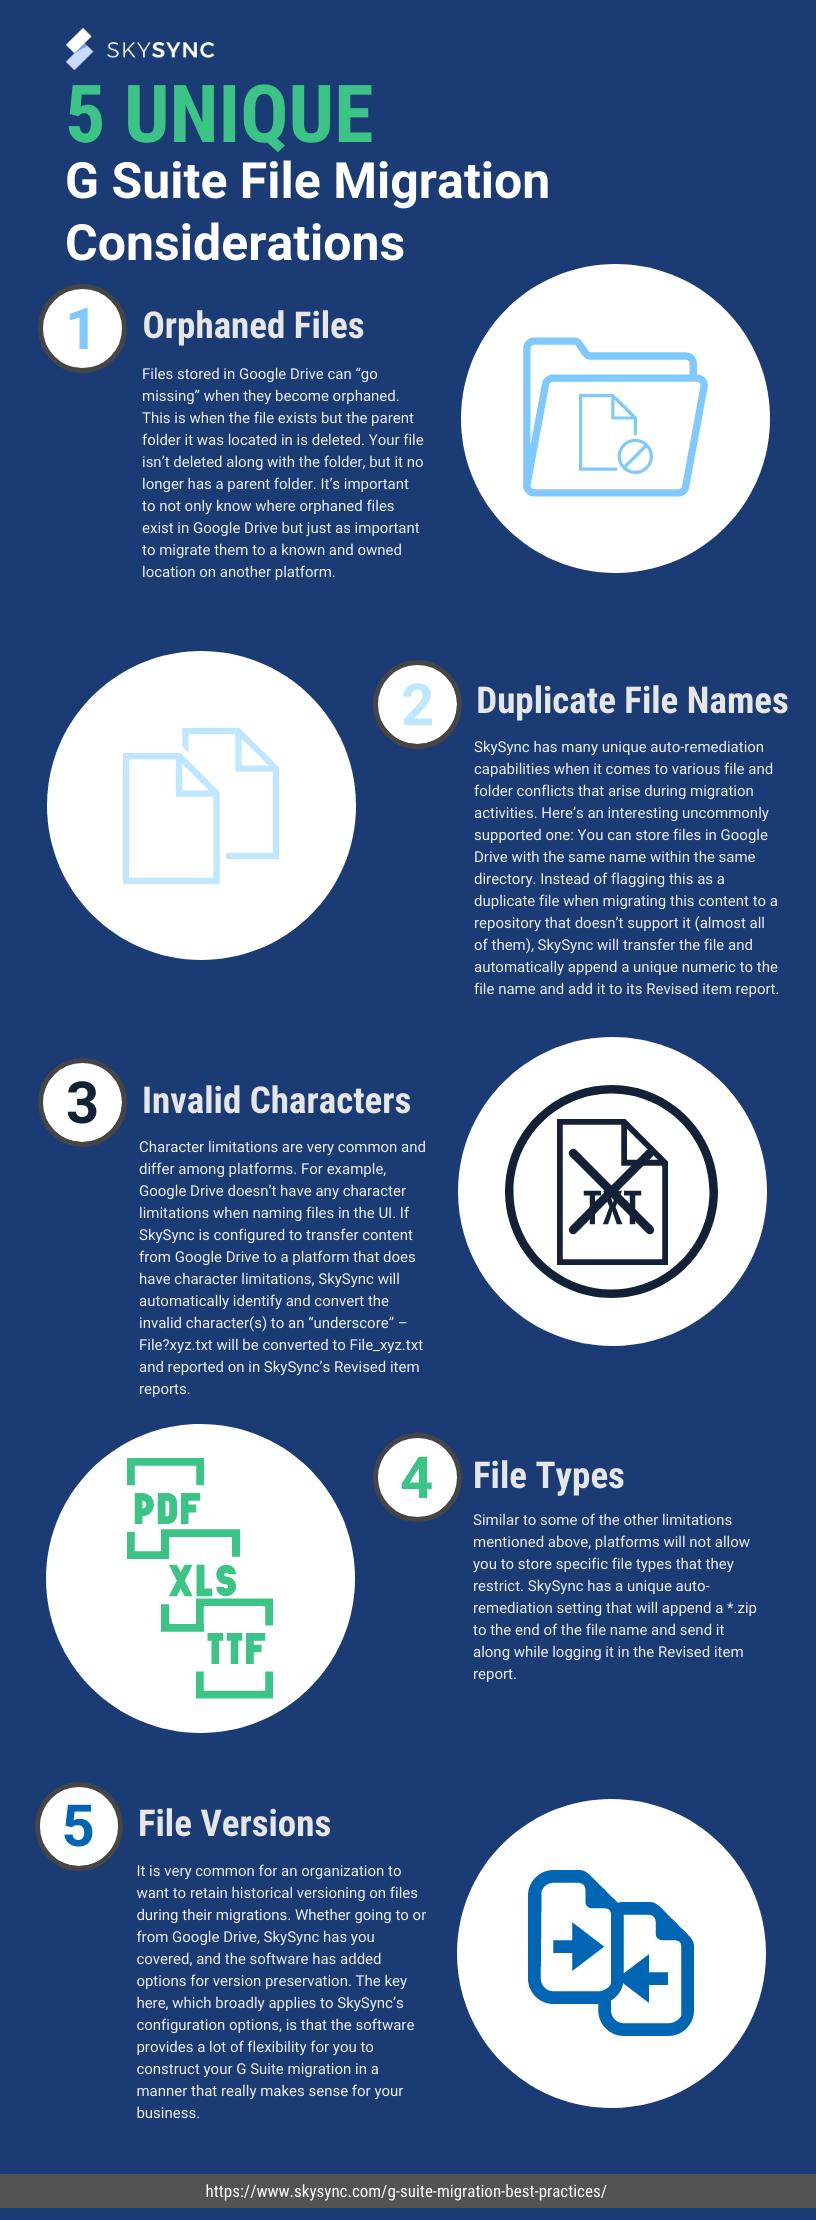 5 Unique G Suite File Migration Considerations Infographic